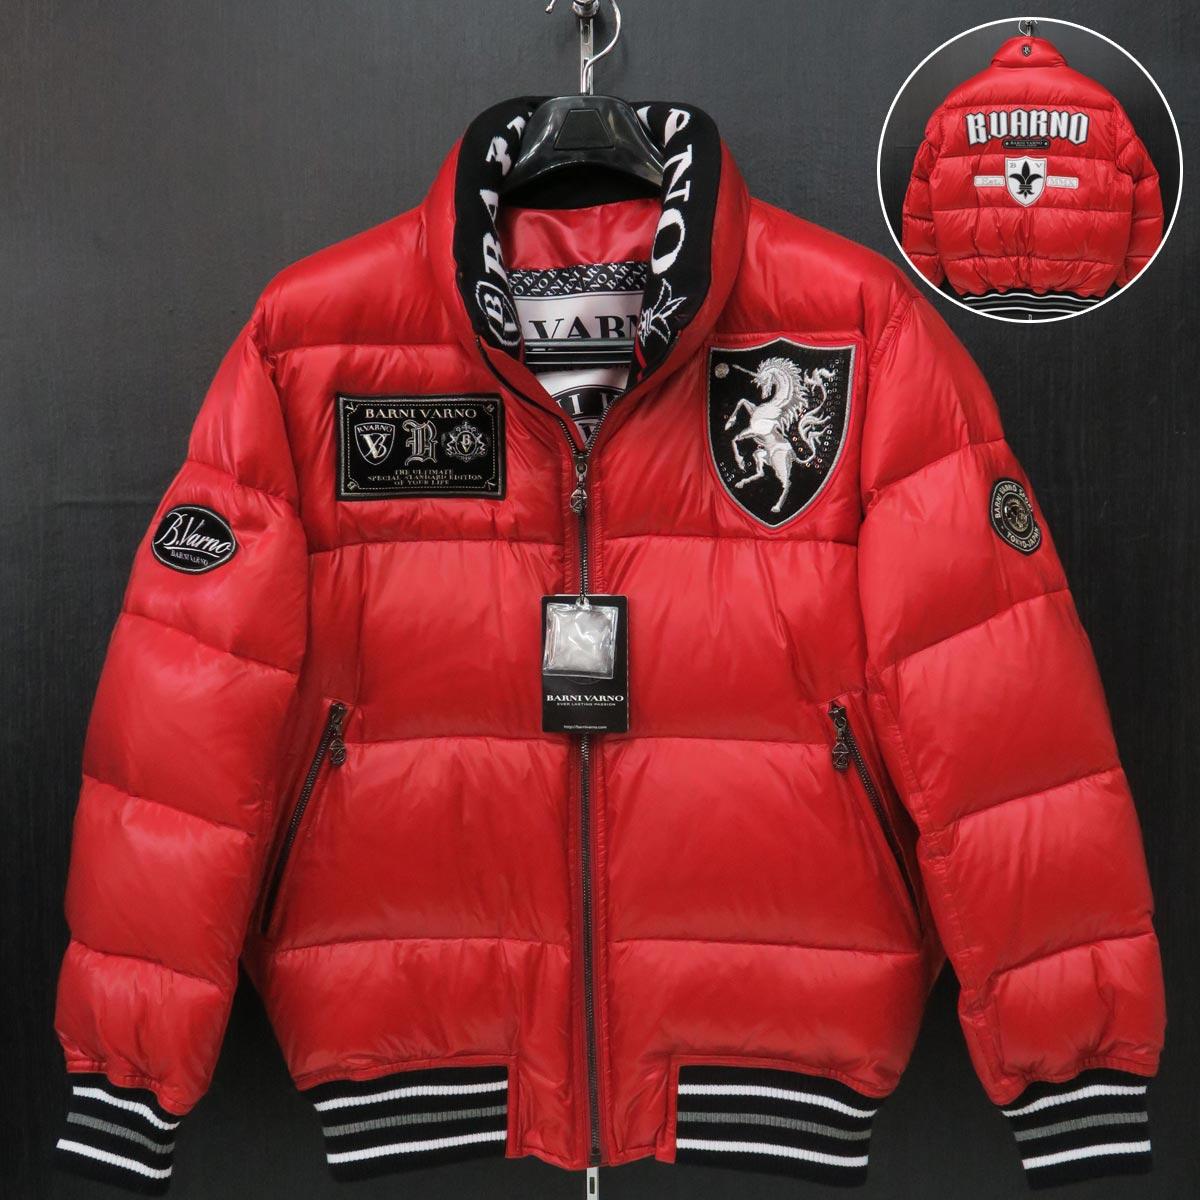 バーニヴァーノ ユニコーンダウンジャケット 赤 M/Lサイズ BAW-IDB3406-45